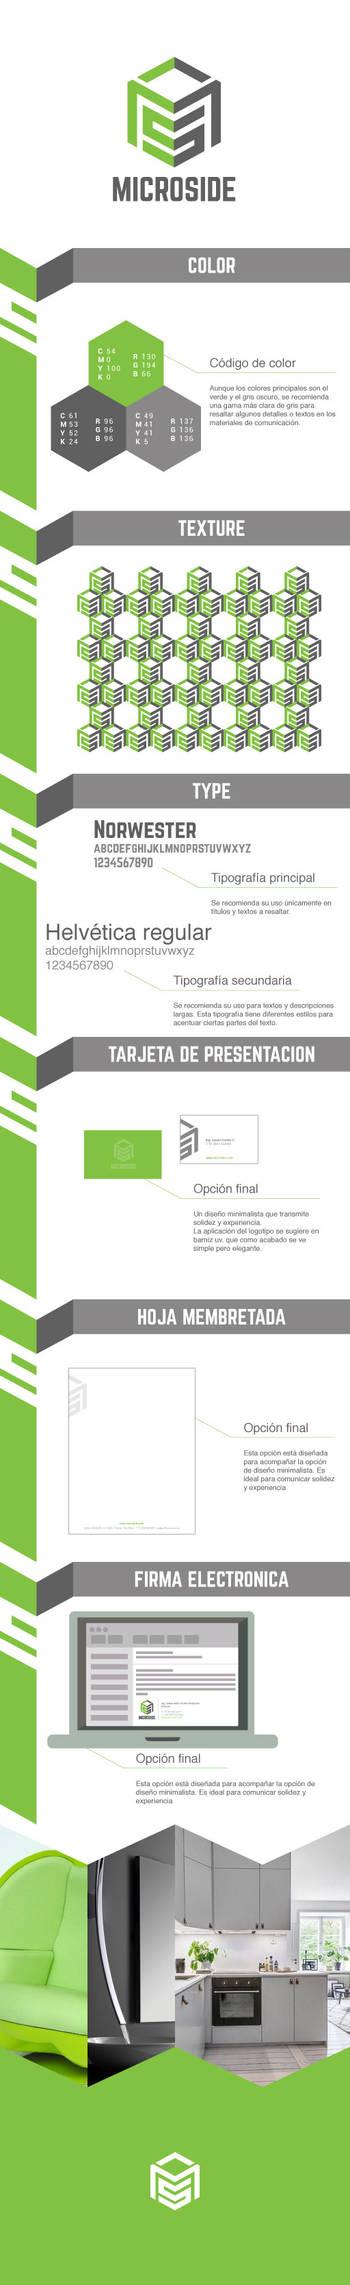 Microside brand guide